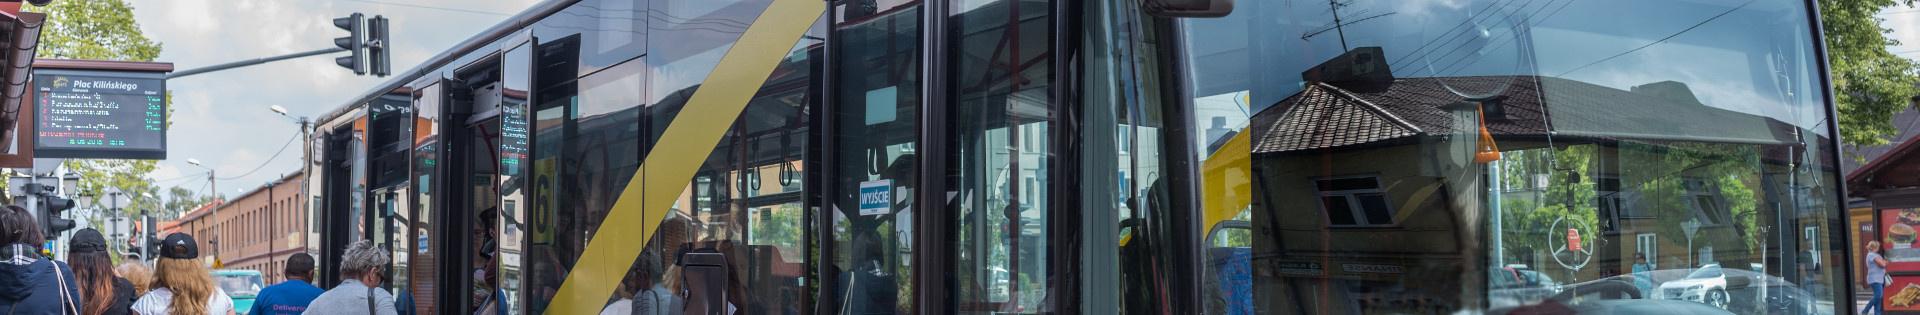 Obraz główny - autobus MUK